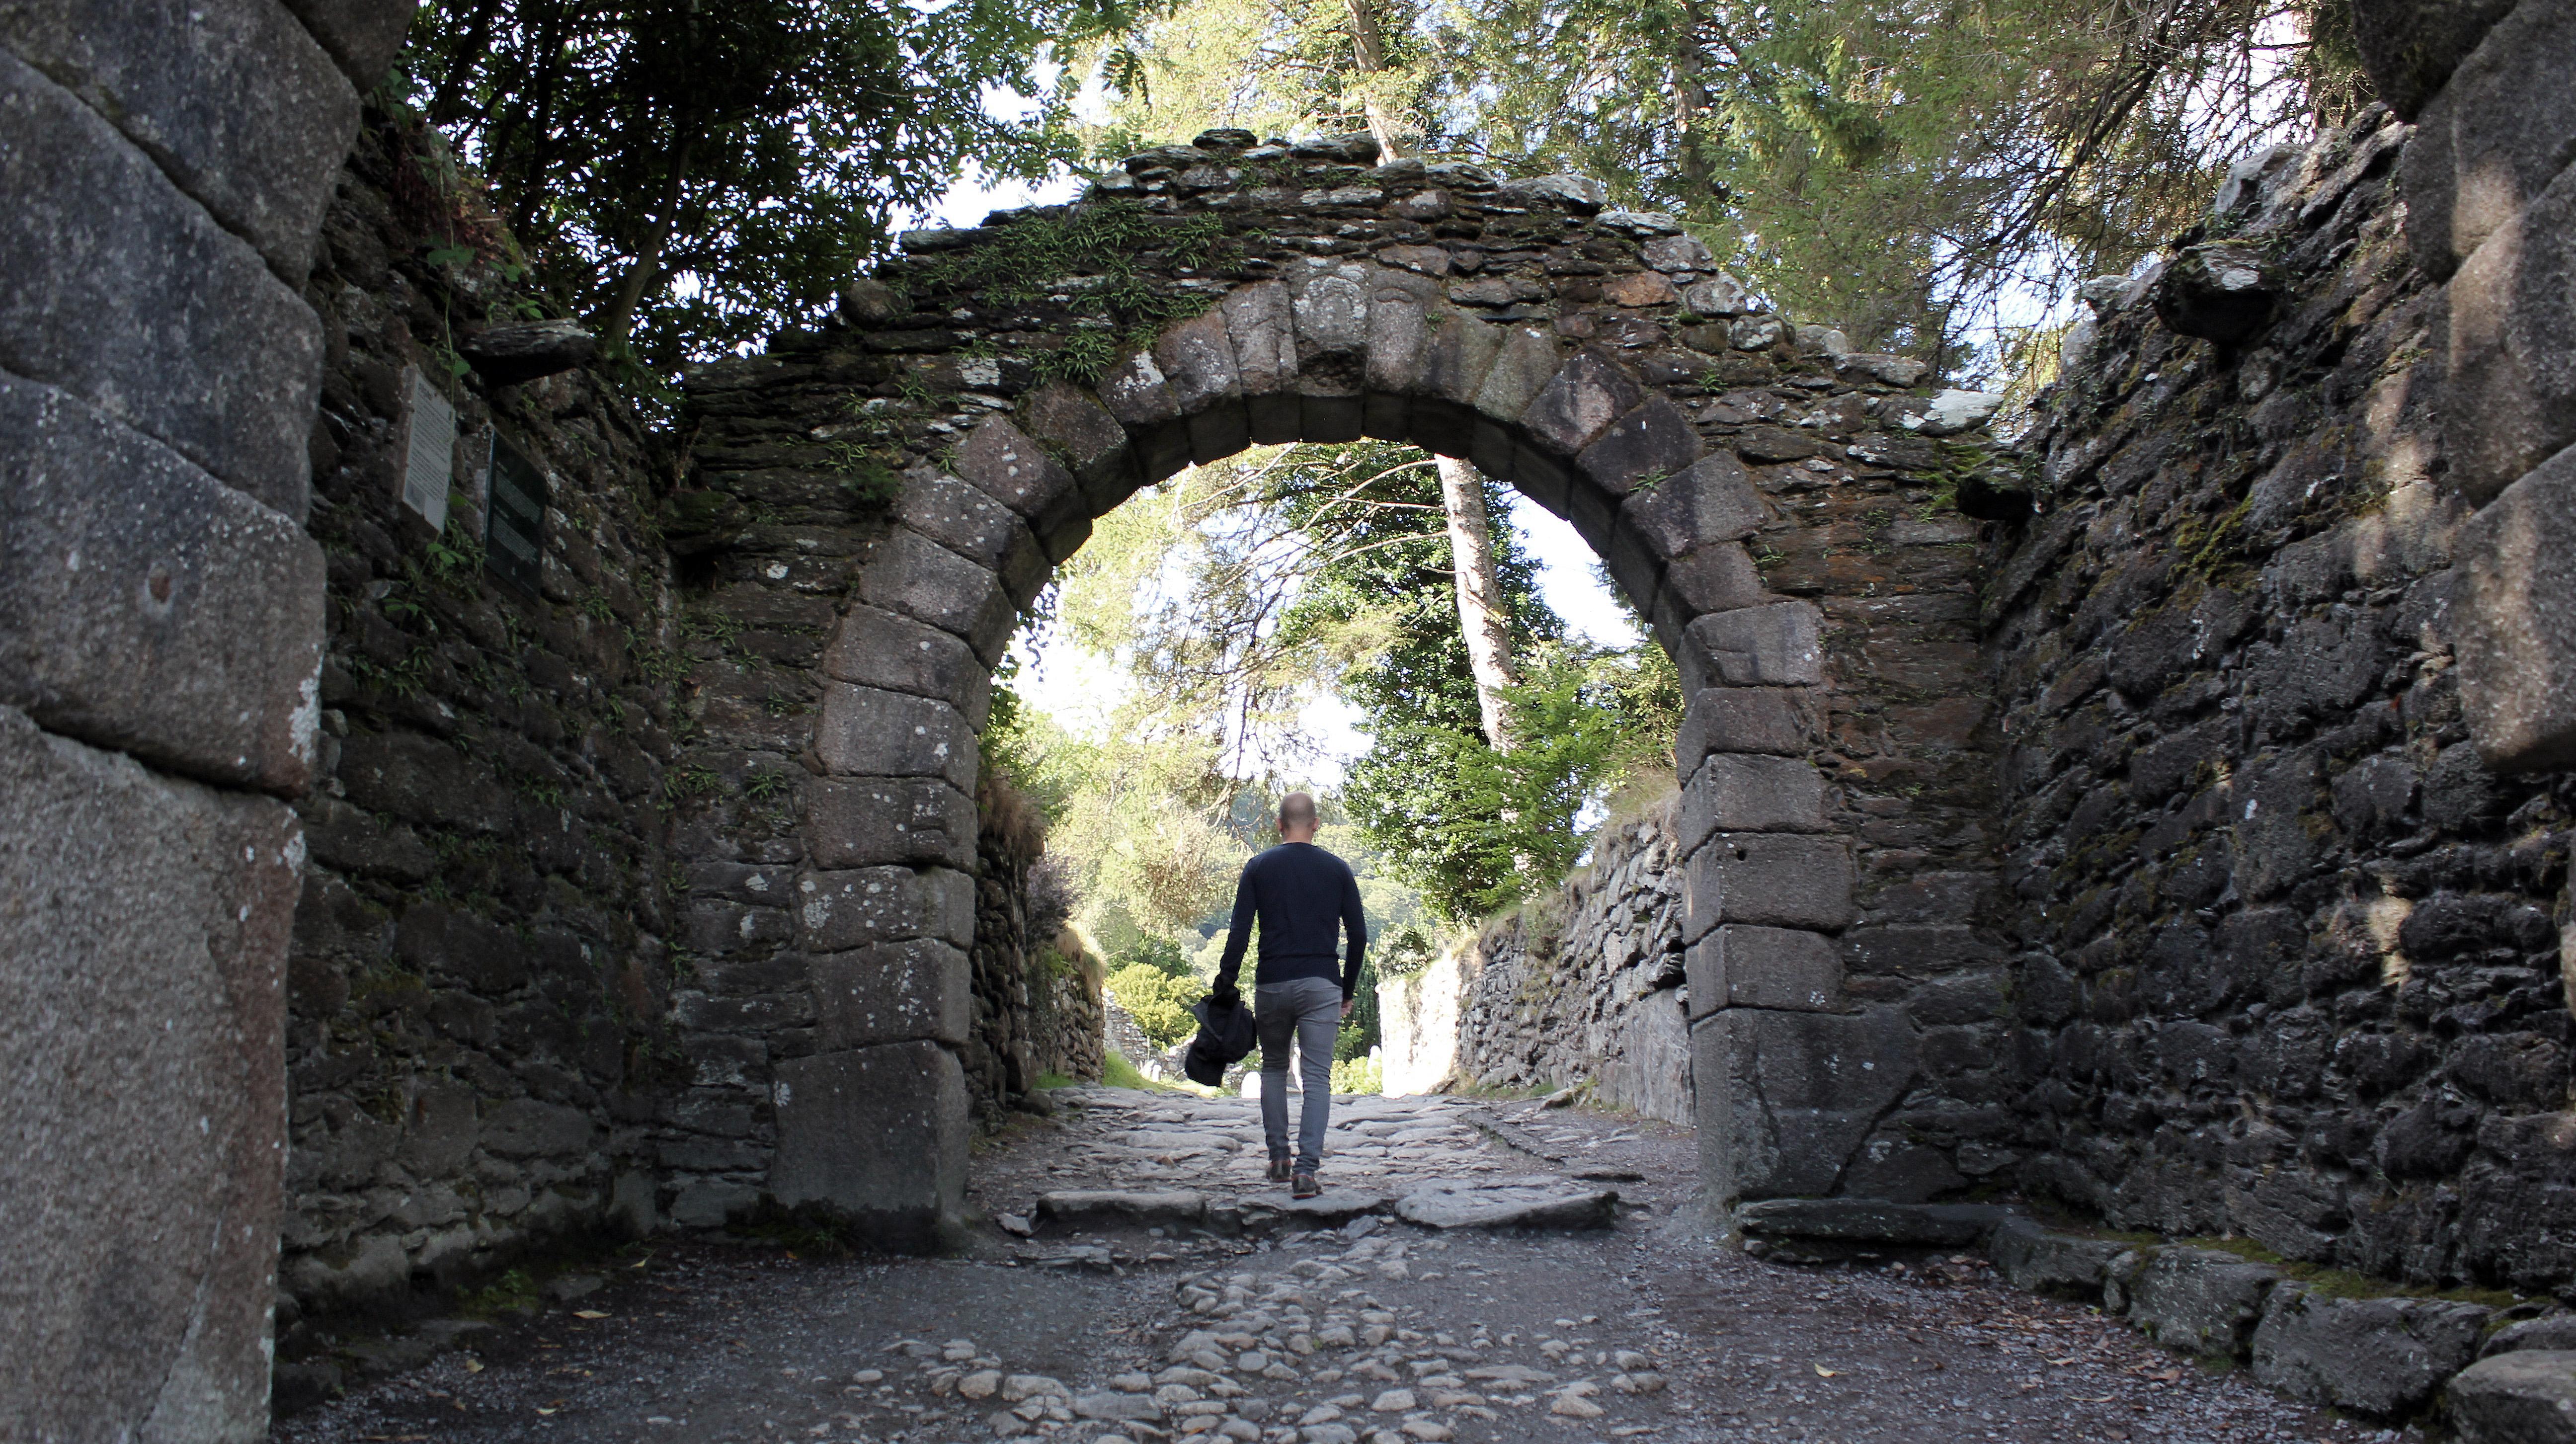 IMG_0008okVoyages-et-compagnie.com - Blog voyage | Road trip en Irlande Galway